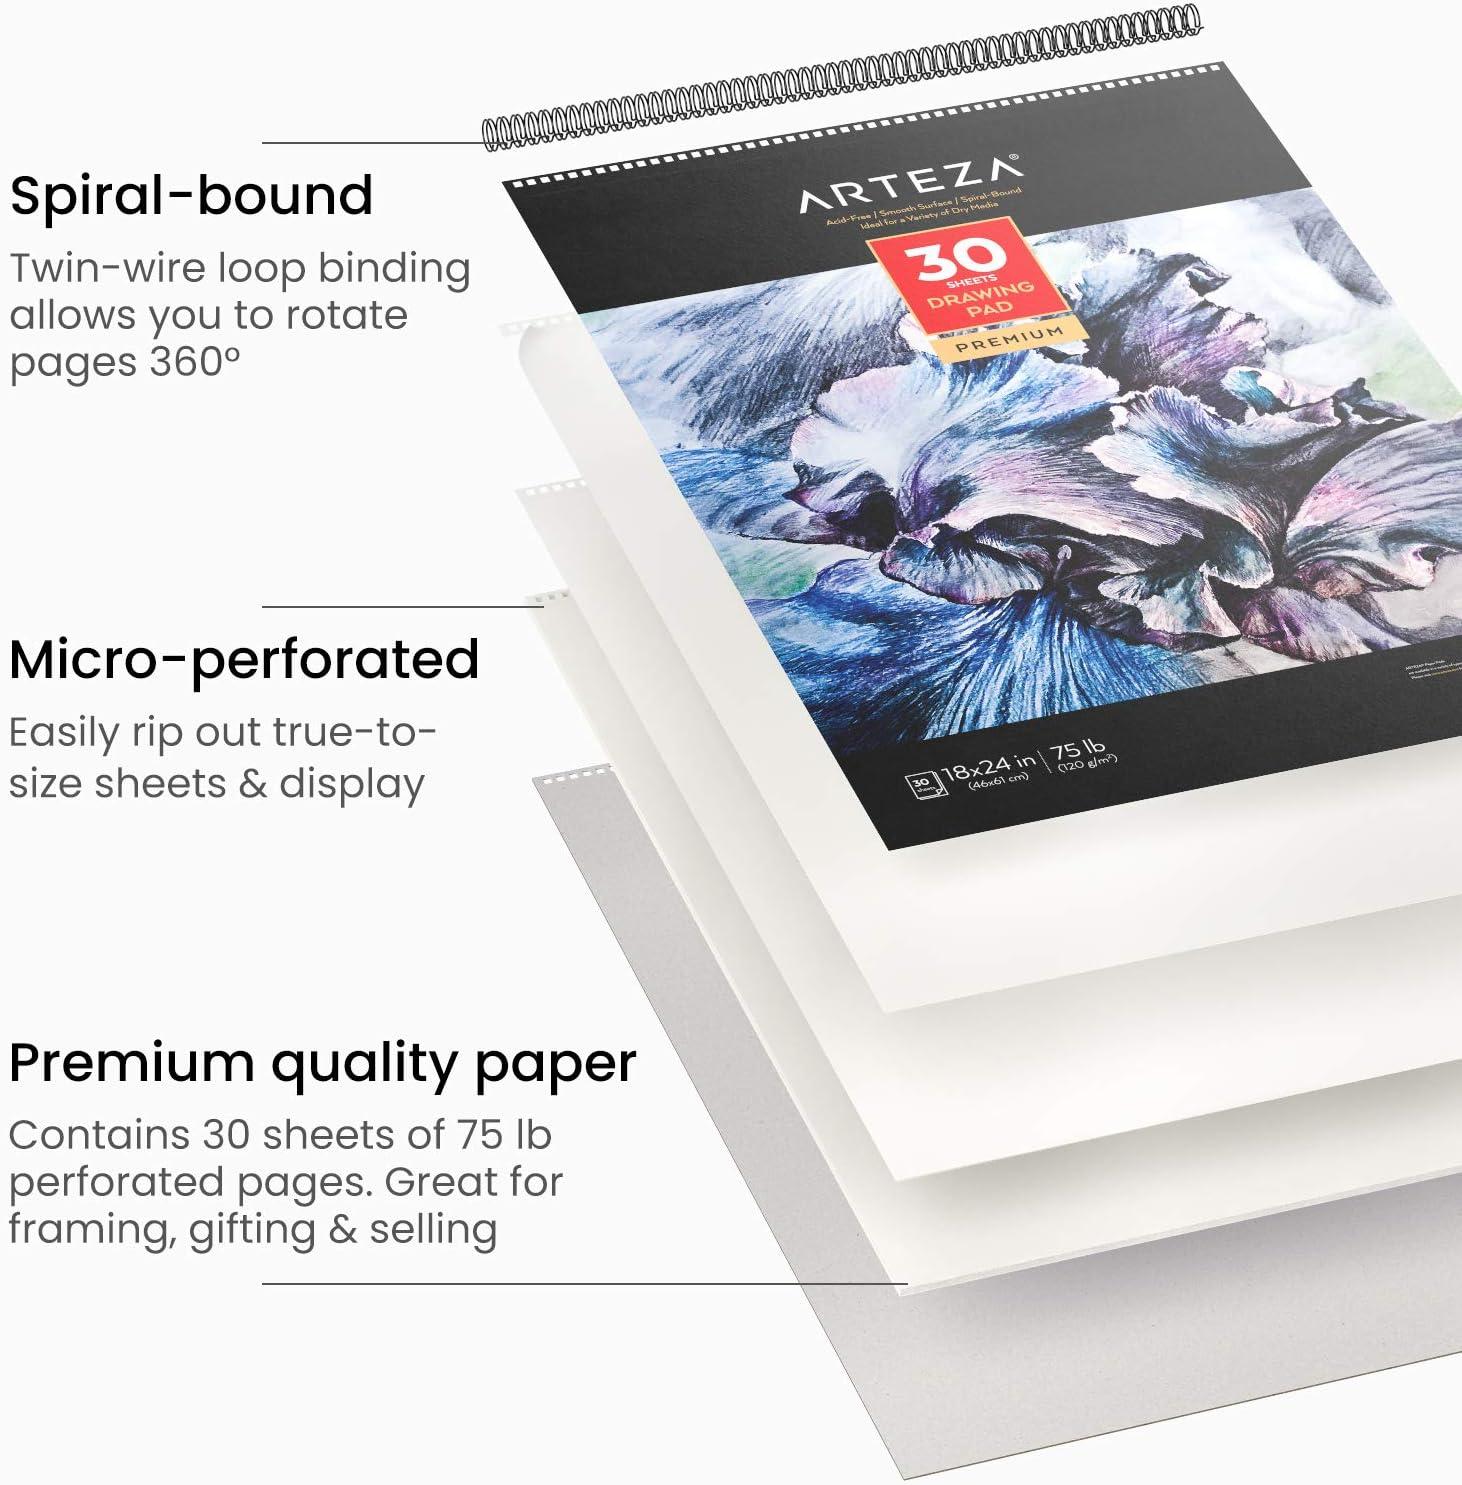 Skizzenblock mit Spiralbindung f/ür viele trockene Medien wei/ßes schweres Papier 120 g//m/² mit Mikroperforation Zeichenpapier 46 x 61 cm Arteza Zeichenblock 30 Blatt